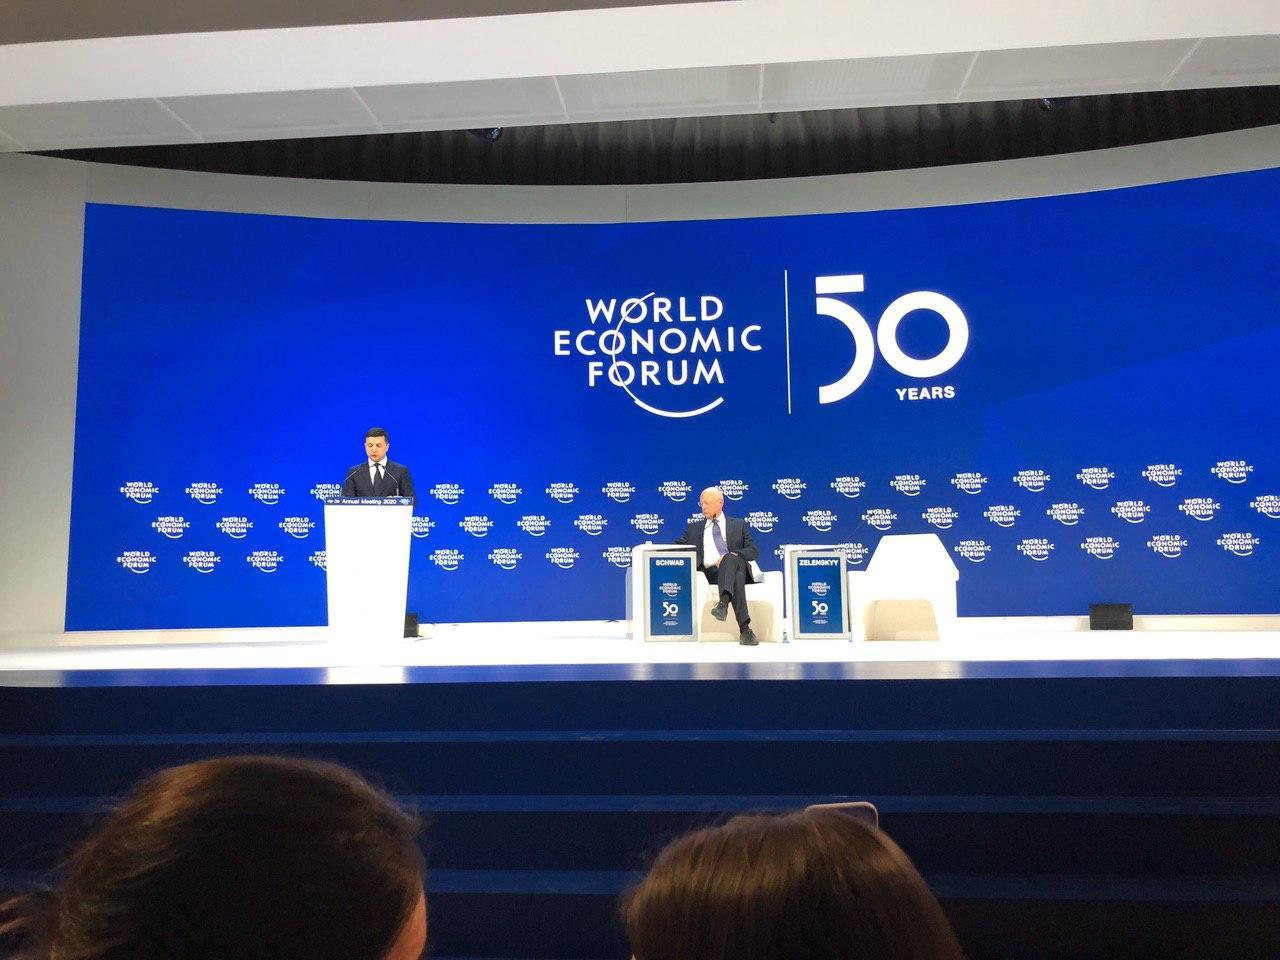 Всемирный экономический форум, Зеленский, Давос, Речь, Выступление, видео